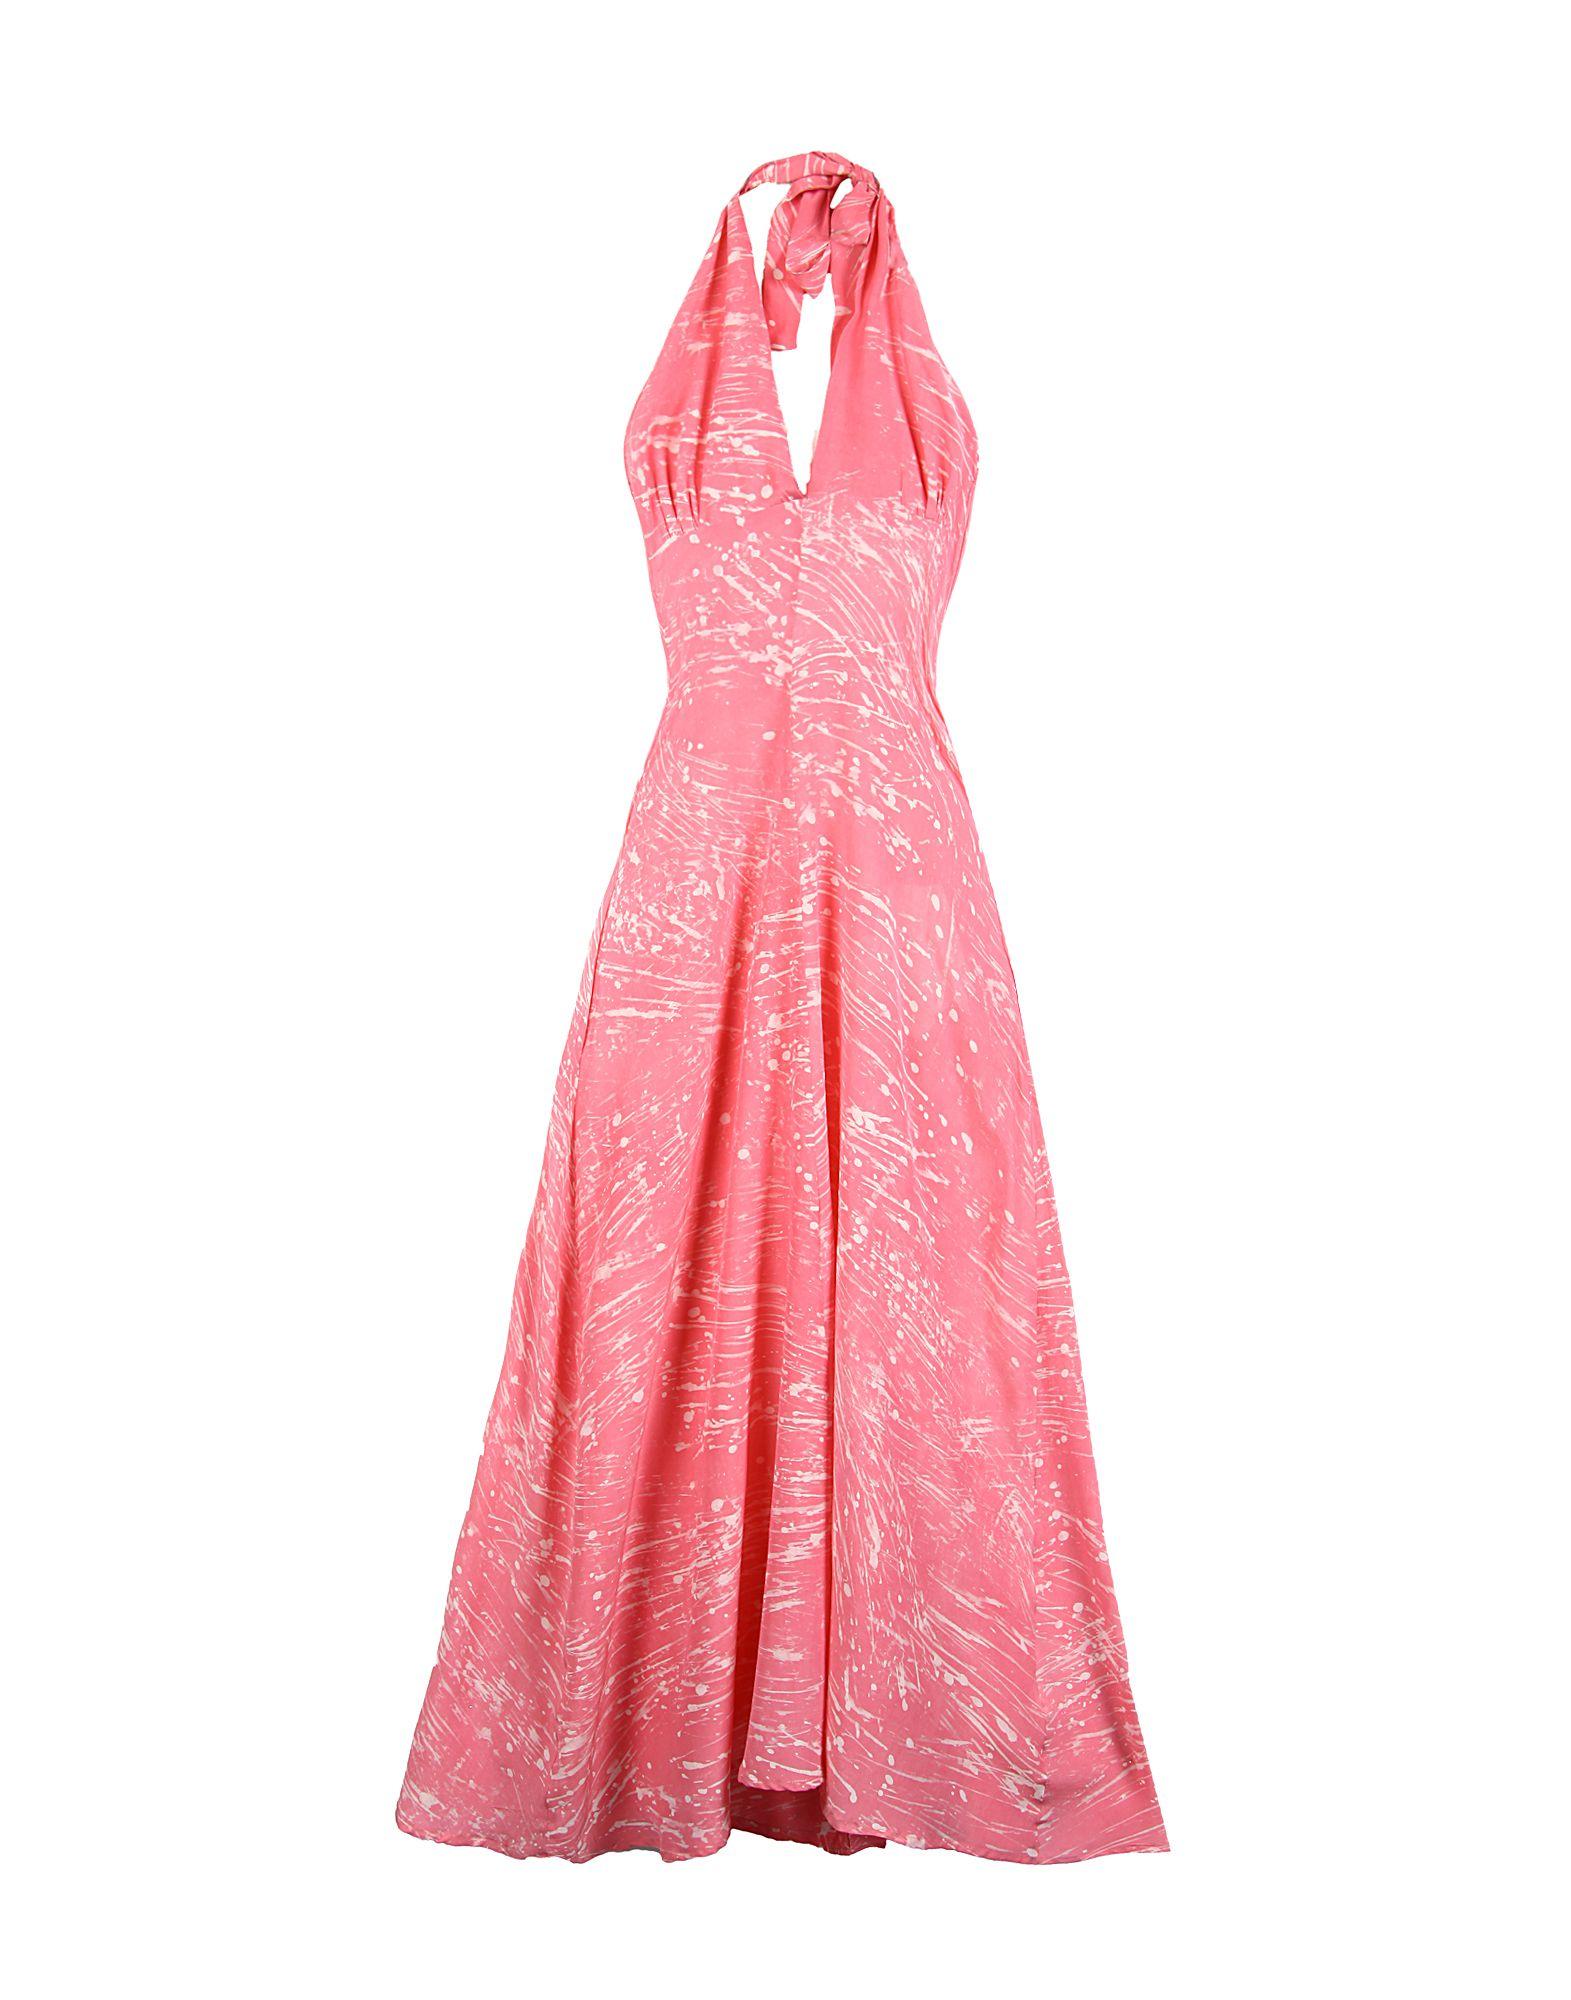 STUDIO 189 Damen Langes Kleid Farbe Fuchsia Größe 6